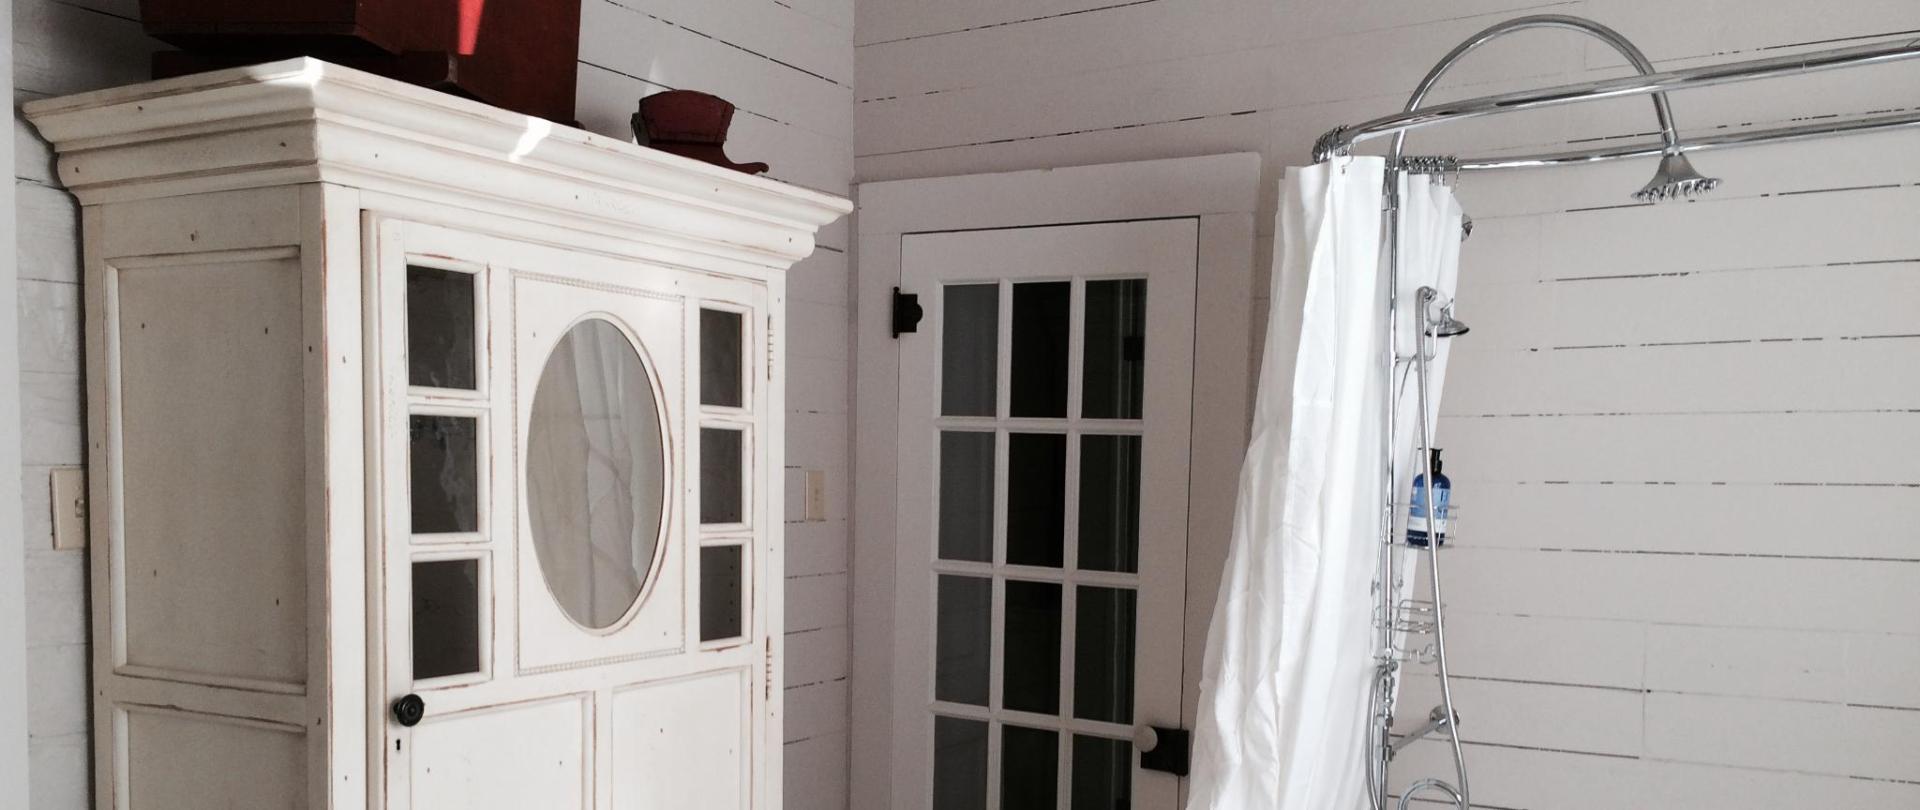 cottage - bath with shower.jpg